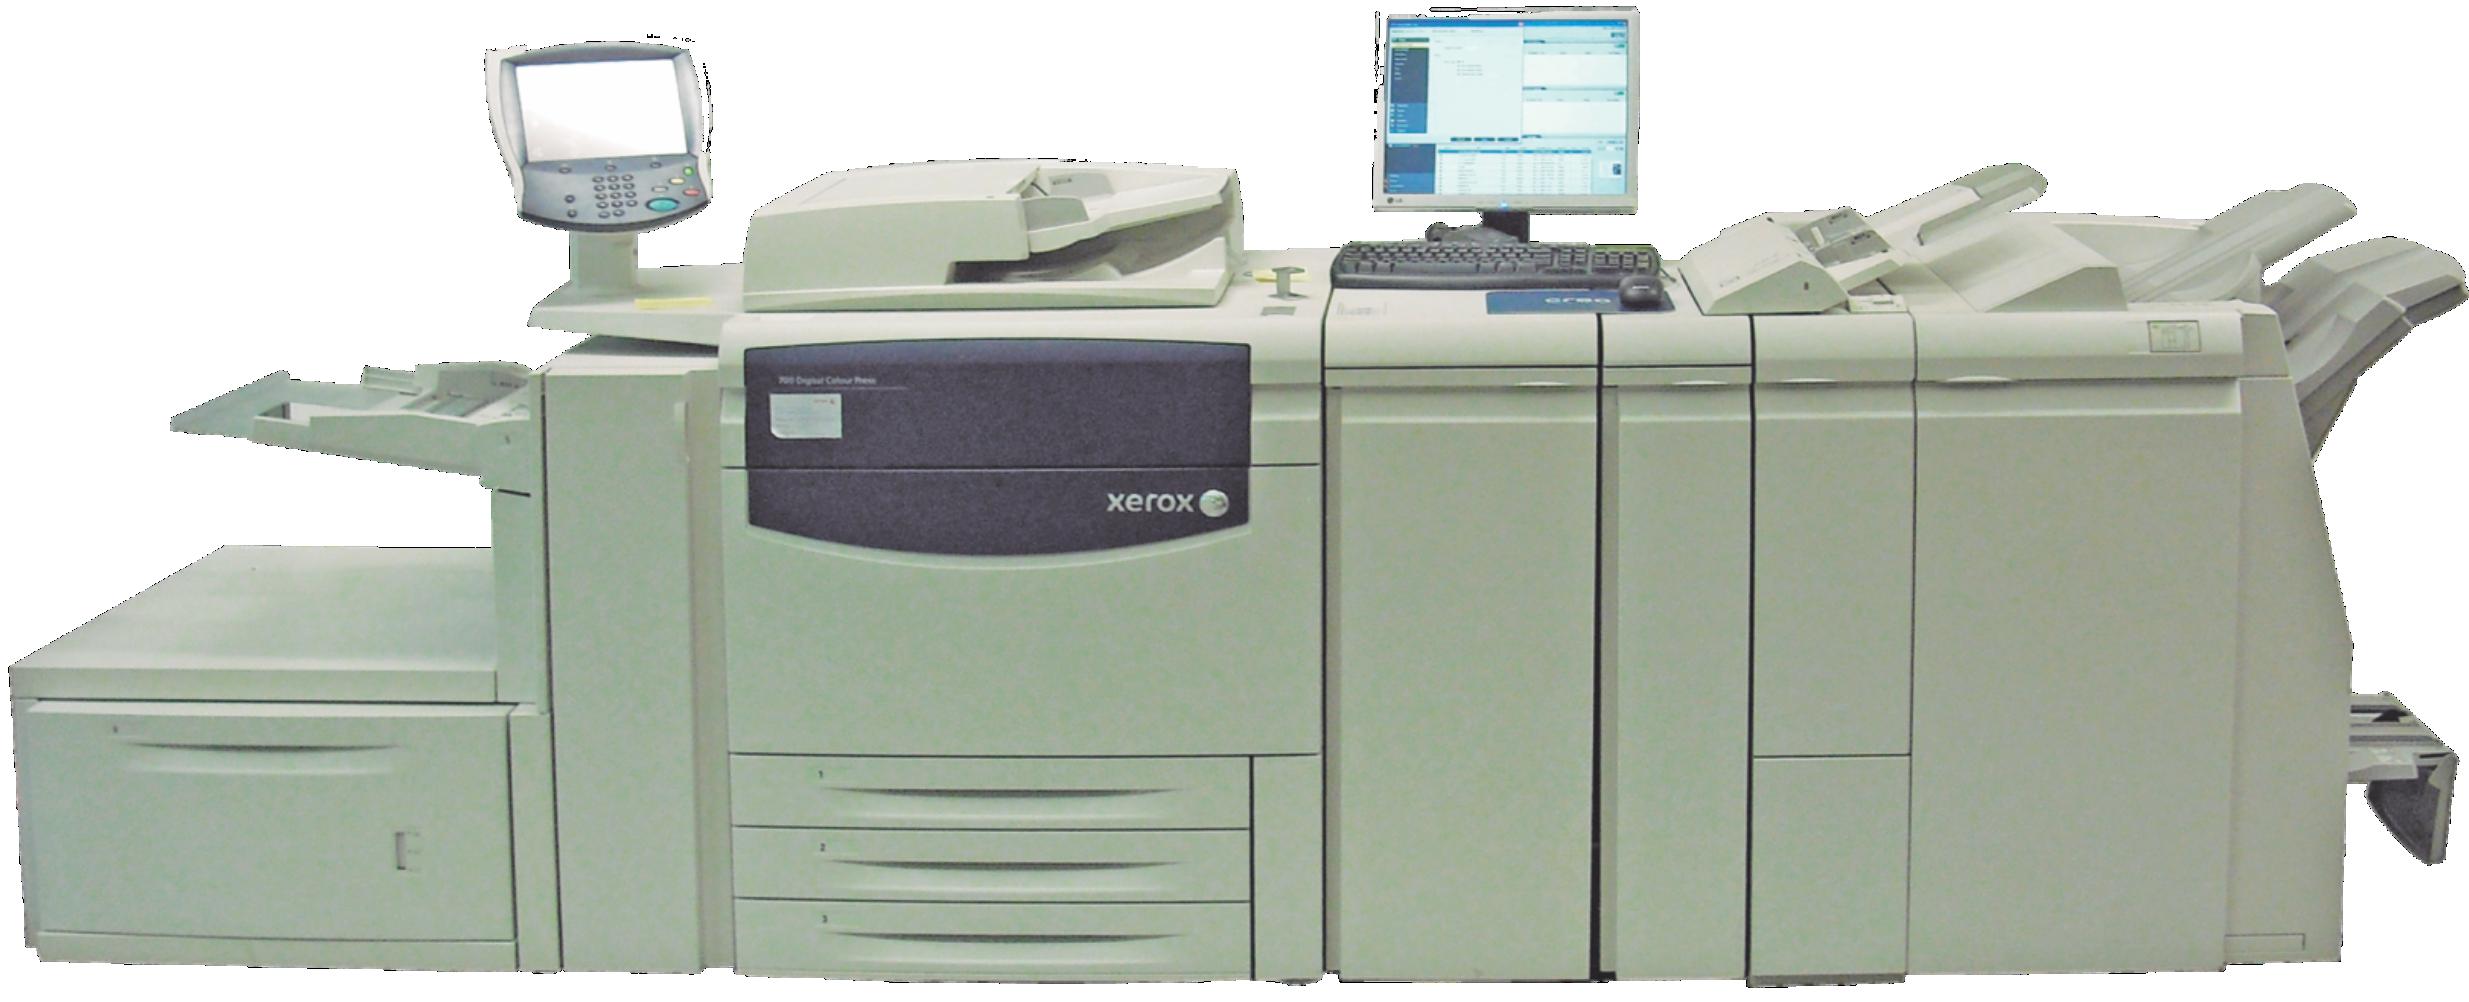 XEROX 700i Digital Color Press